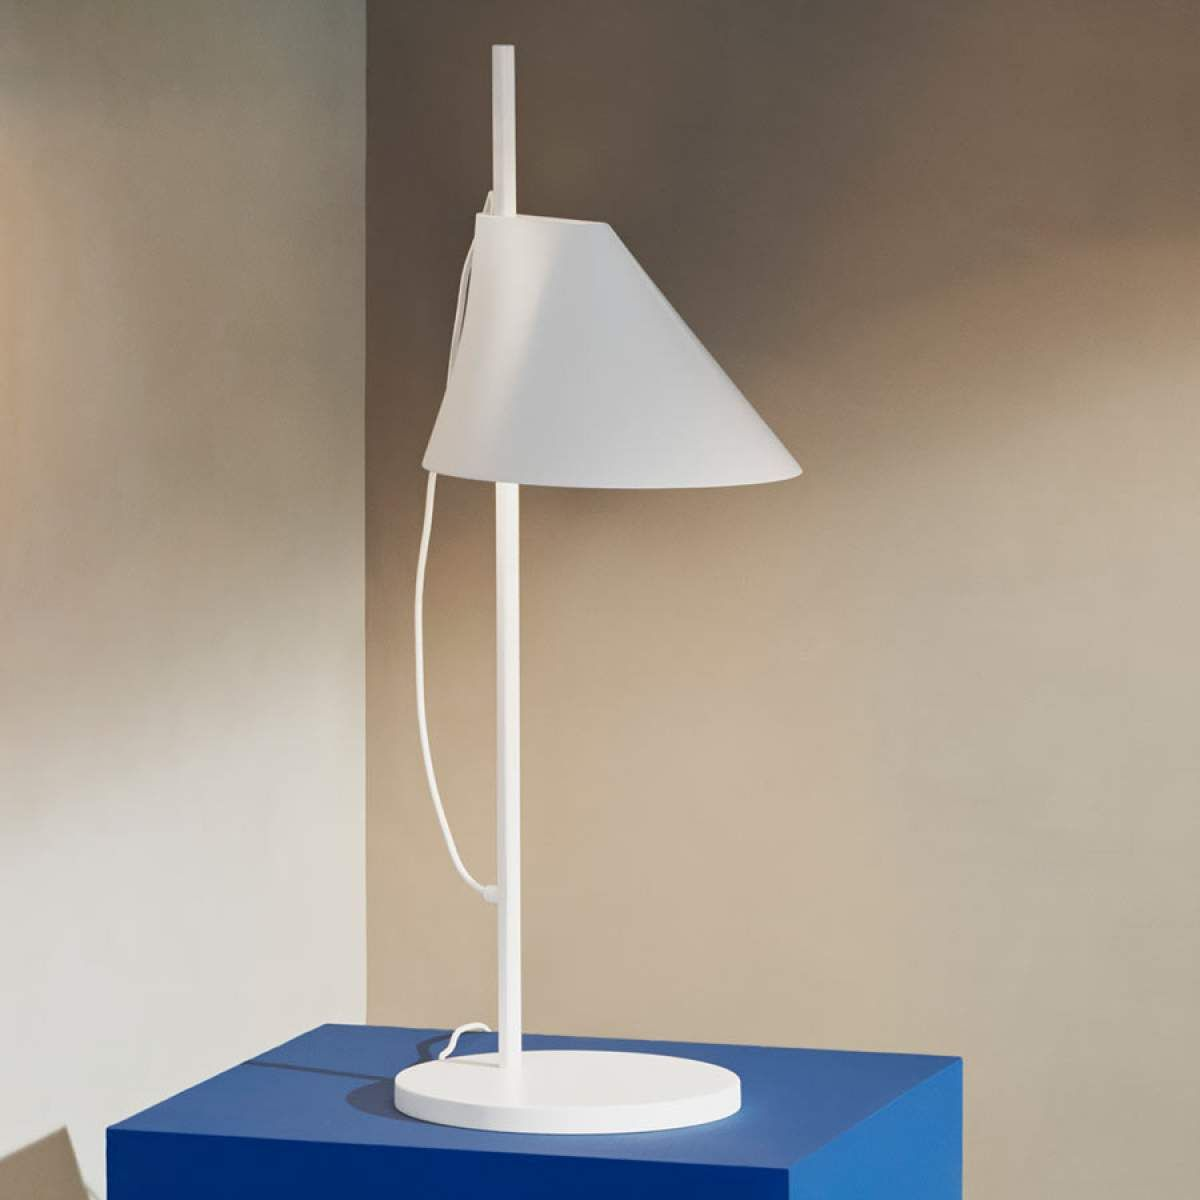 louis poulsen yuh lampe poser led blanchelampe poser. Black Bedroom Furniture Sets. Home Design Ideas